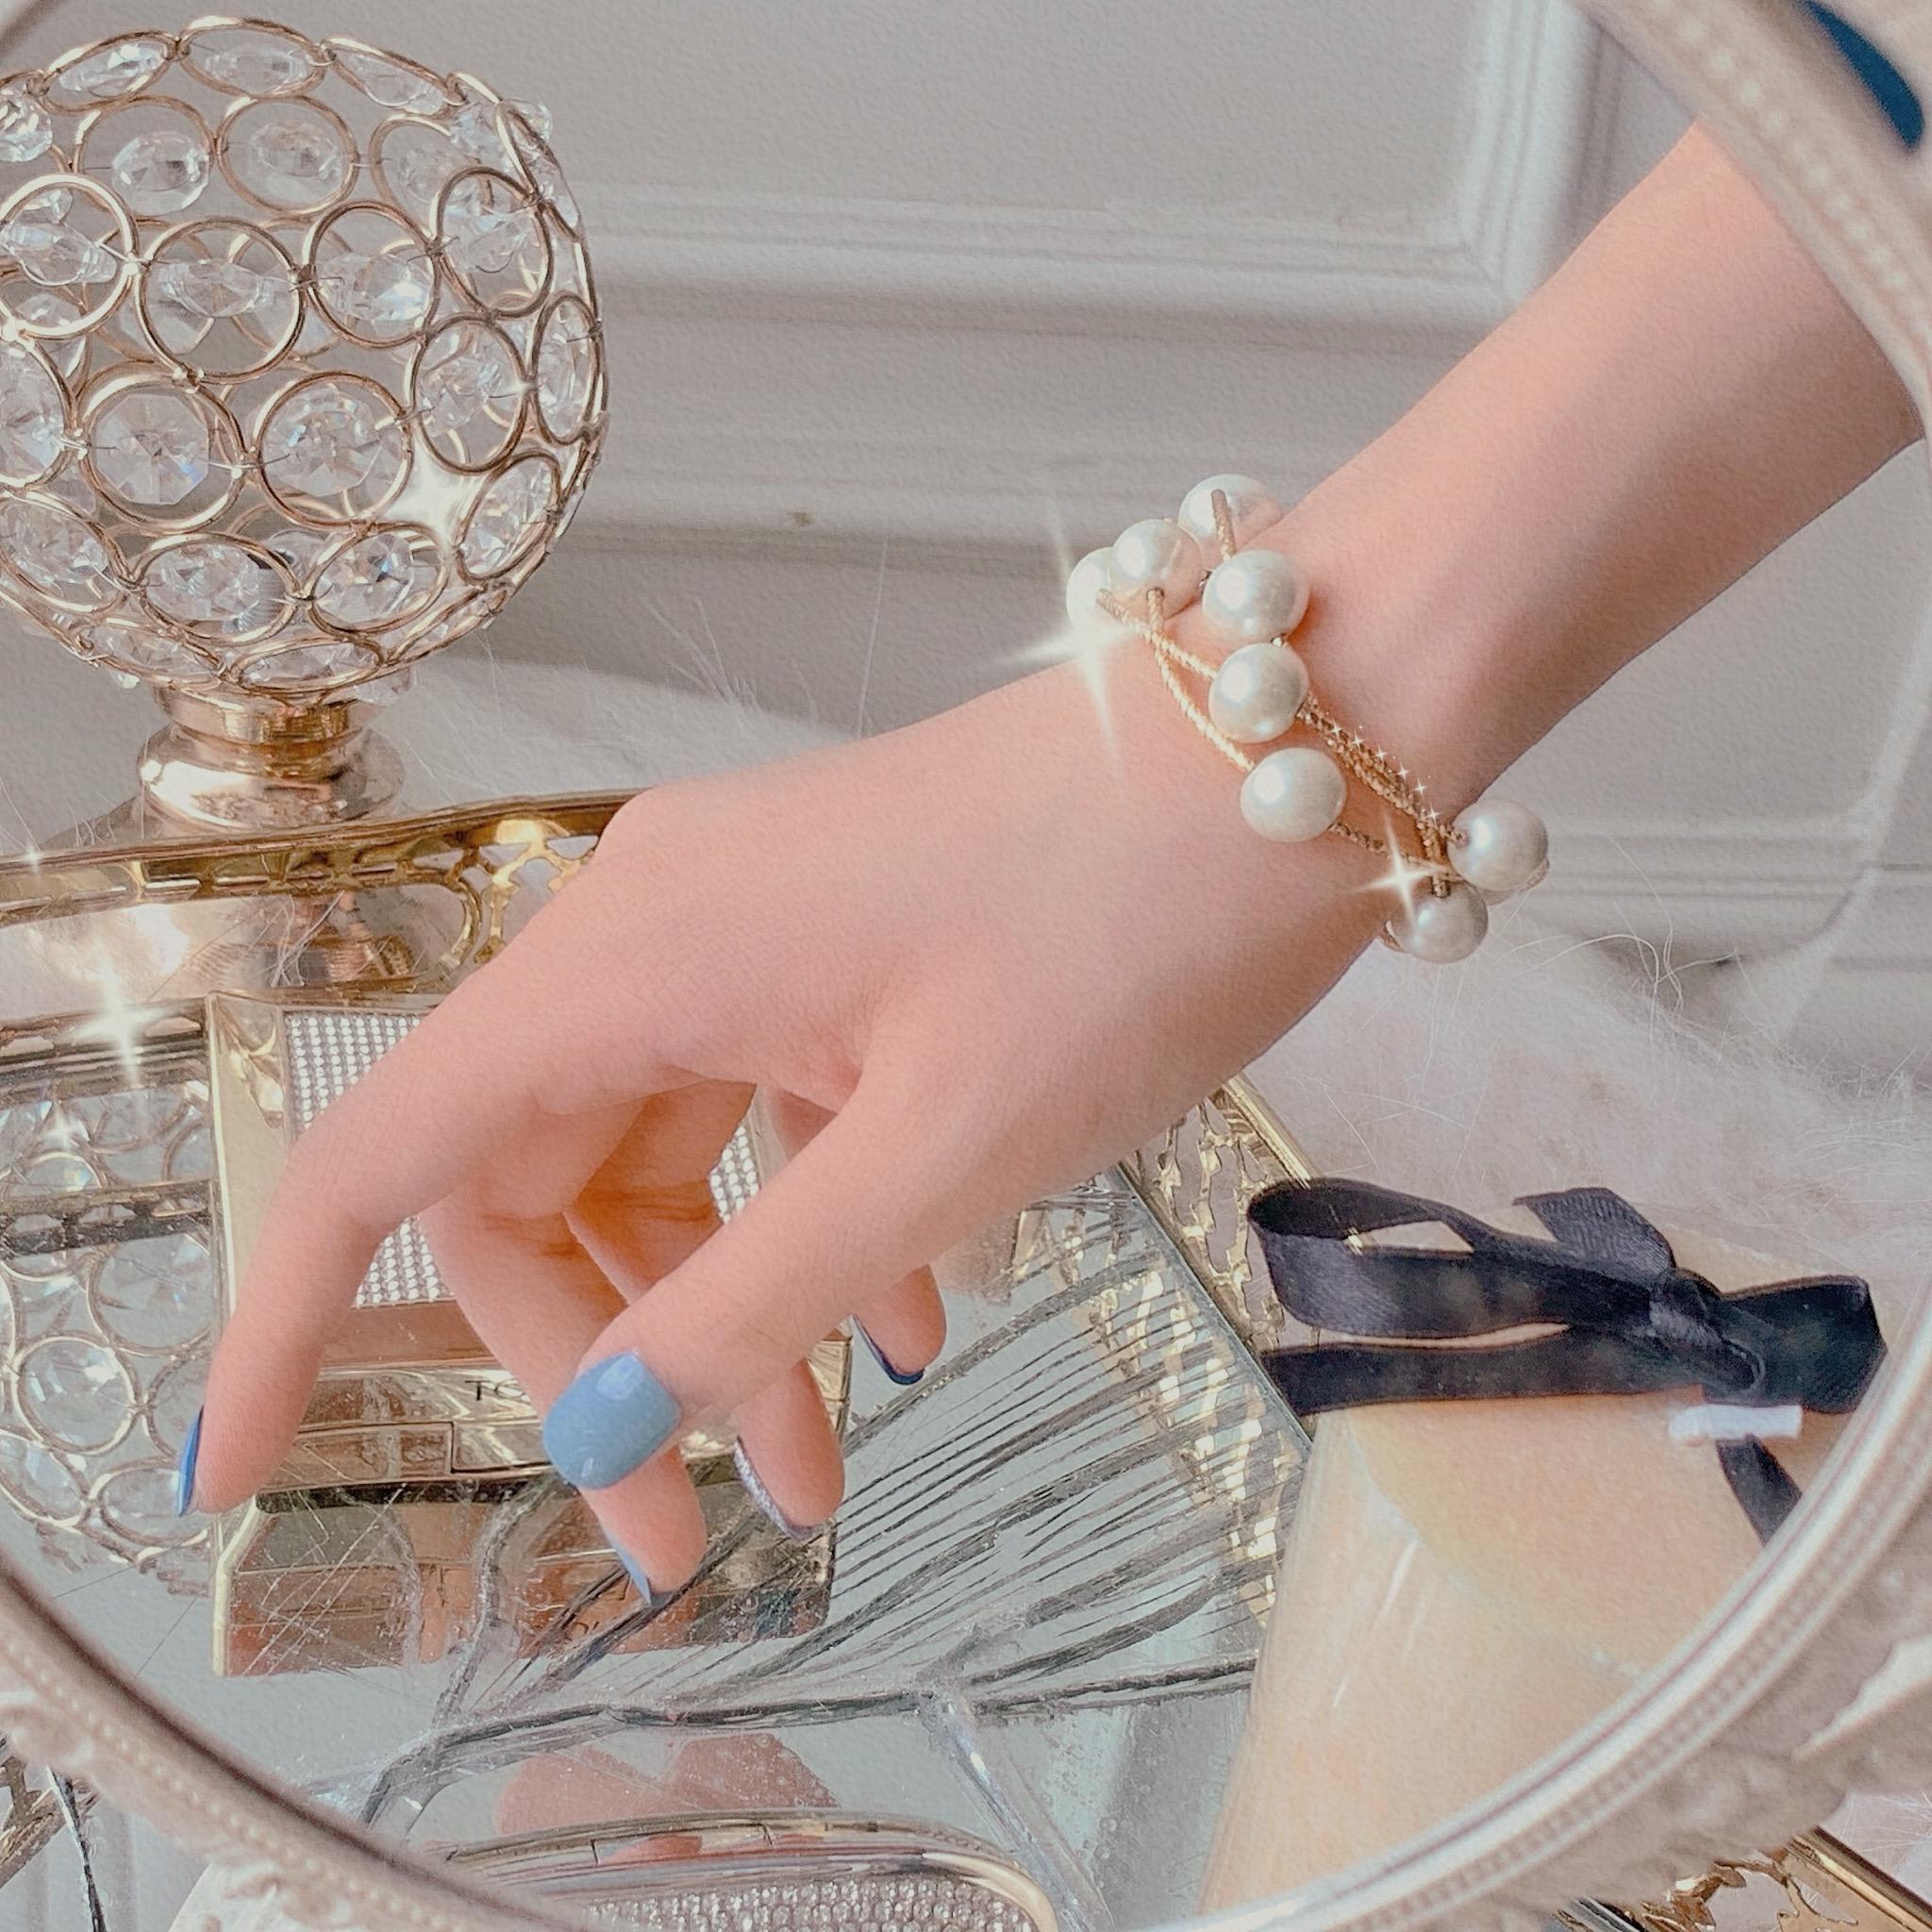 张心子多层缠绕珍珠手链女网红仙女手镯精致ins小众设计手饰手串图片